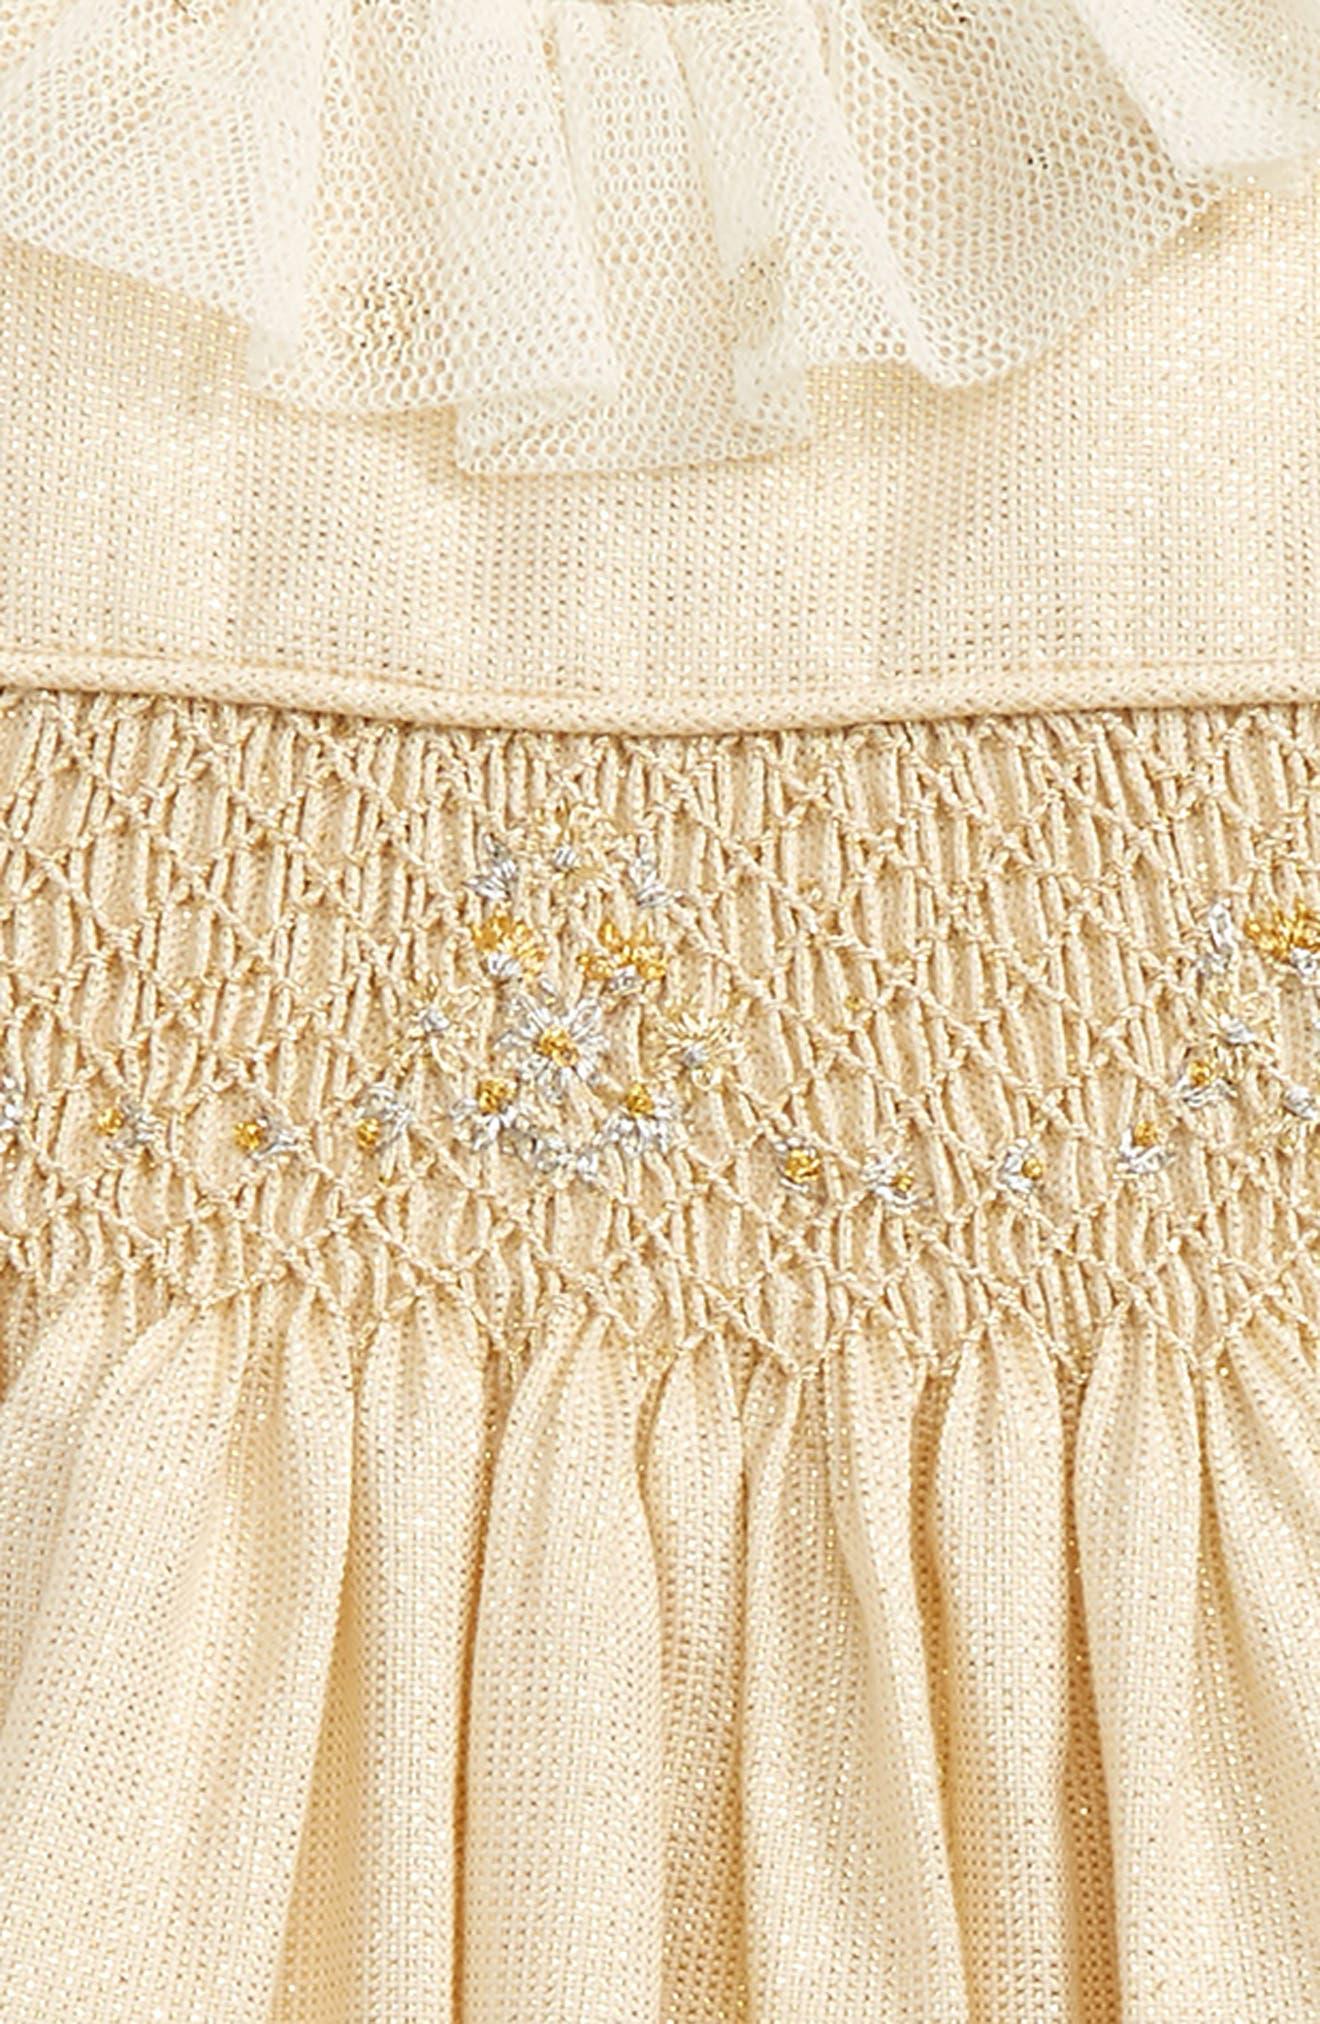 Jacquard Smocked Dress,                             Alternate thumbnail 2, color,                             700